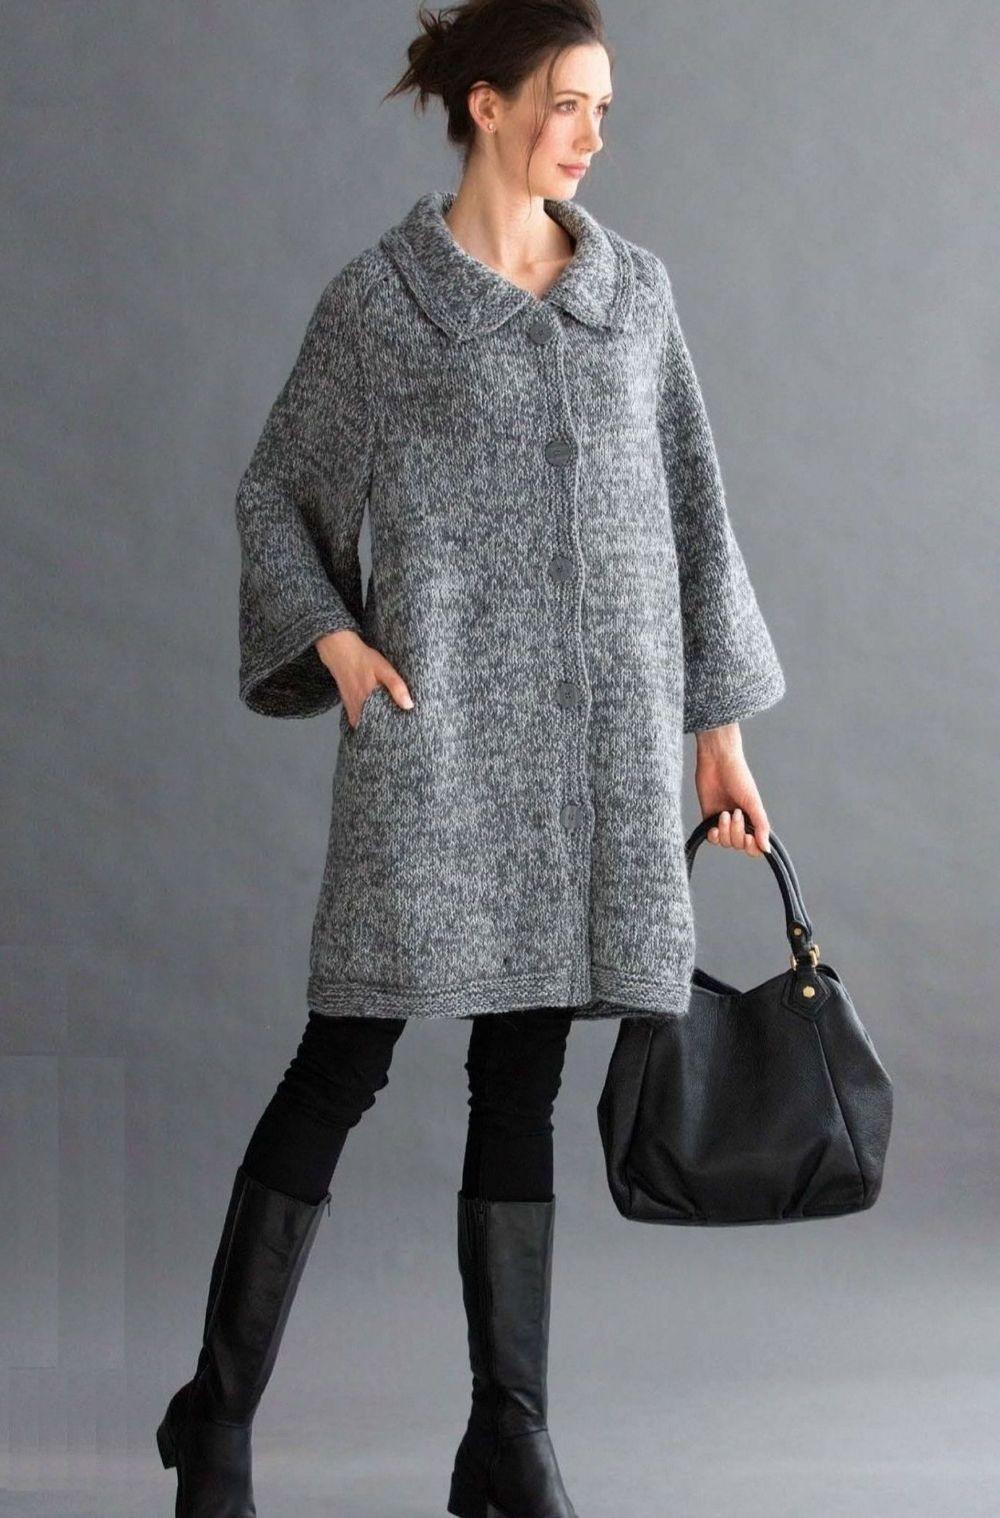 Вязаное пальто осень зима 2018 2019 вязаное пальто,широкий рукав, воротник,серого цвета